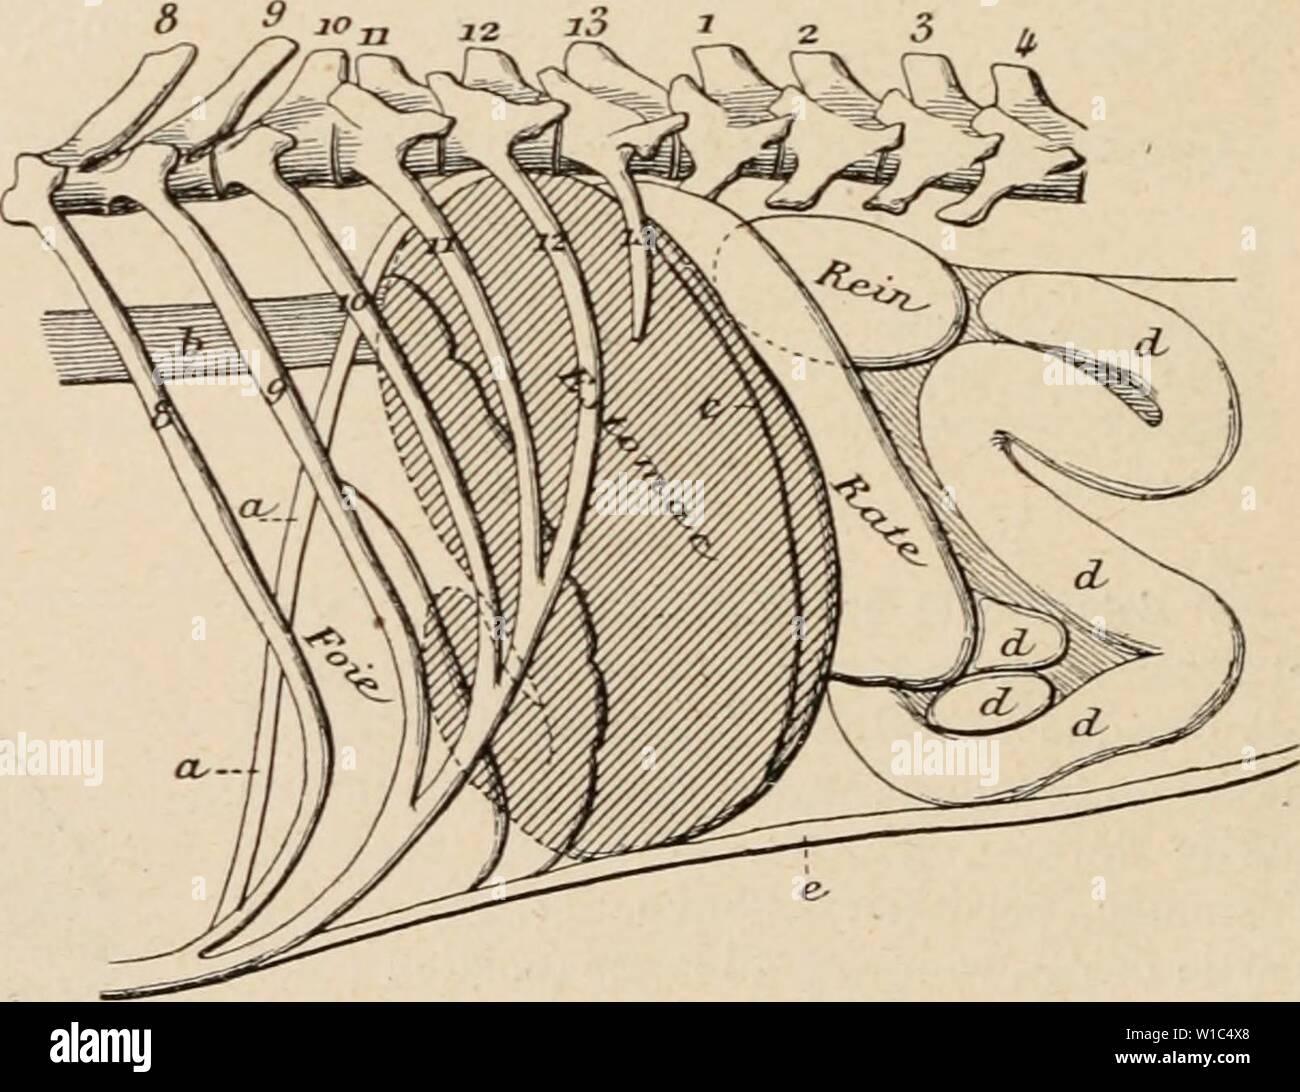 Imagen de archivo de la página 527 del Dictionnaire de physiologie (1898). Dictionnaire de physiologie . dictionnairedeph03ricos Año: 1898 kg. 99. Eslomac vide dans sa posición naturelle (vue latÃ- rale d'une prÃparation congelÃe). D'après Ellenberger et Baum. Le contorno de la partie de l'estomac situÃe sous le foie- ainsi que le contorno de la partie du rein situÃe sous la tasa nominal indiquÃs sont des lignes pointillÃes. Una, diapliragnic (coupÃ); 6, Åsophage; c, inserción du grand Ãpiploon: d, lacets circonvolutions ou de l'intestin grêle; e, paroi abdo- minale. 8×13 cía'tes. entre en contacto Foto de stock